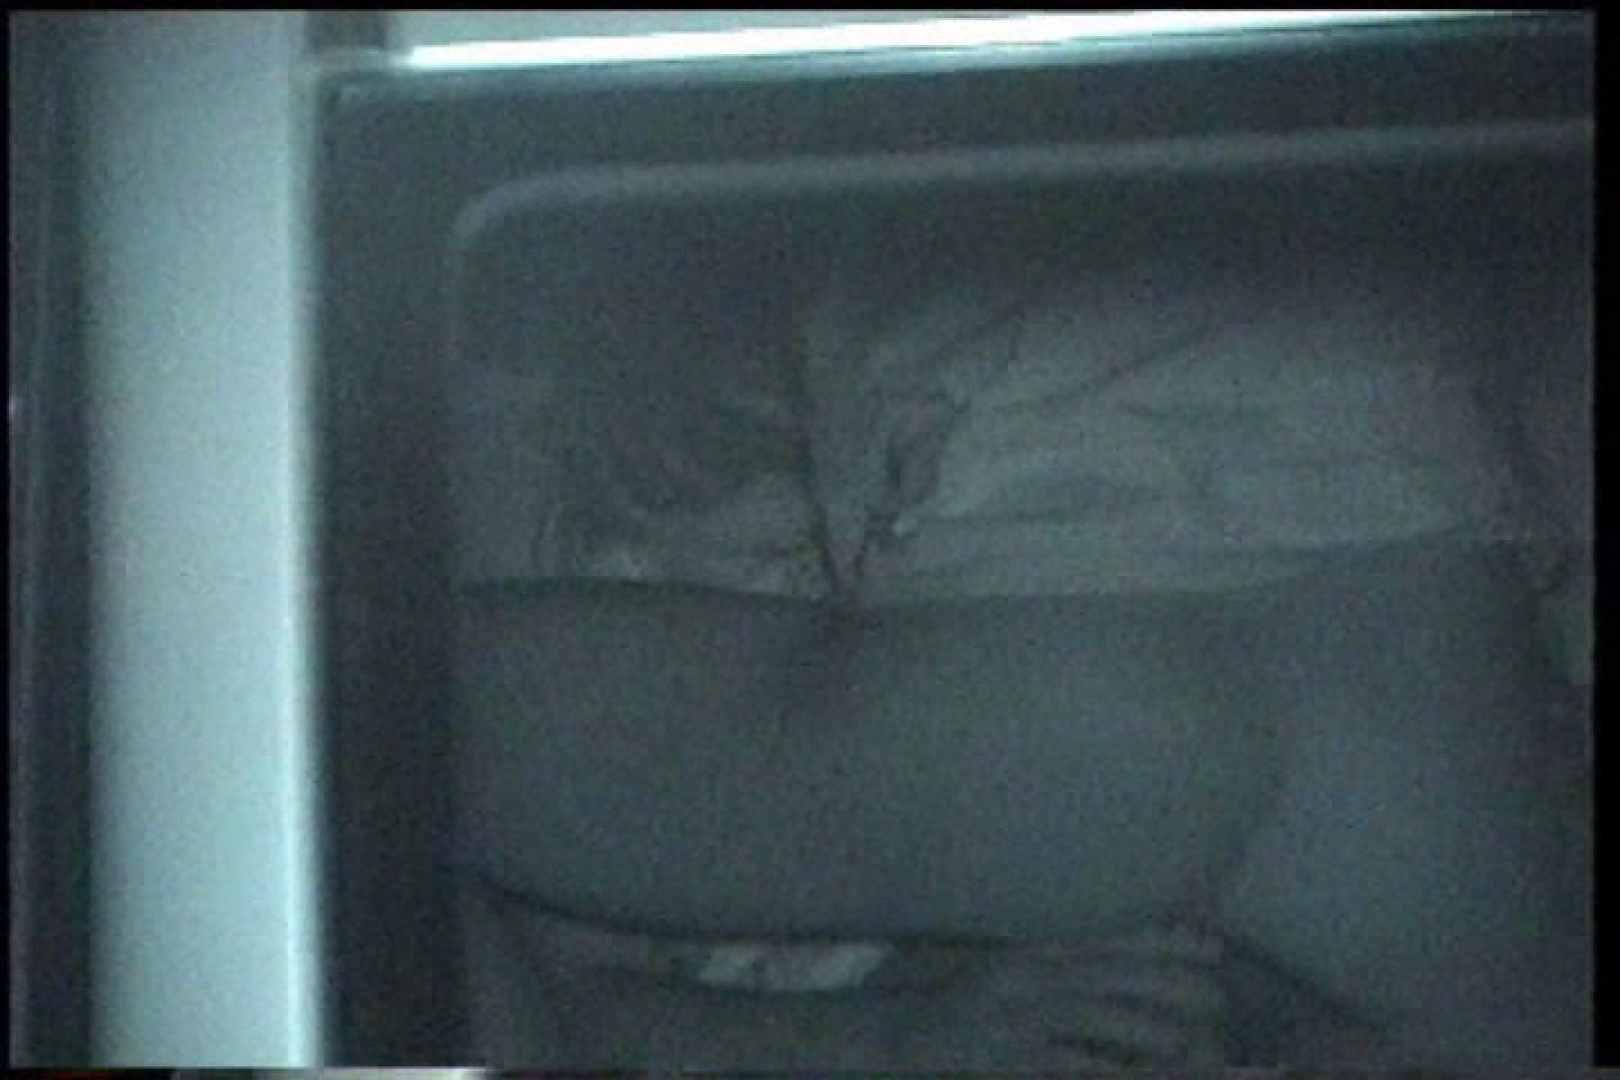 充血監督の深夜の運動会Vol.197 おまんこ無修正 オメコ無修正動画無料 107画像 65